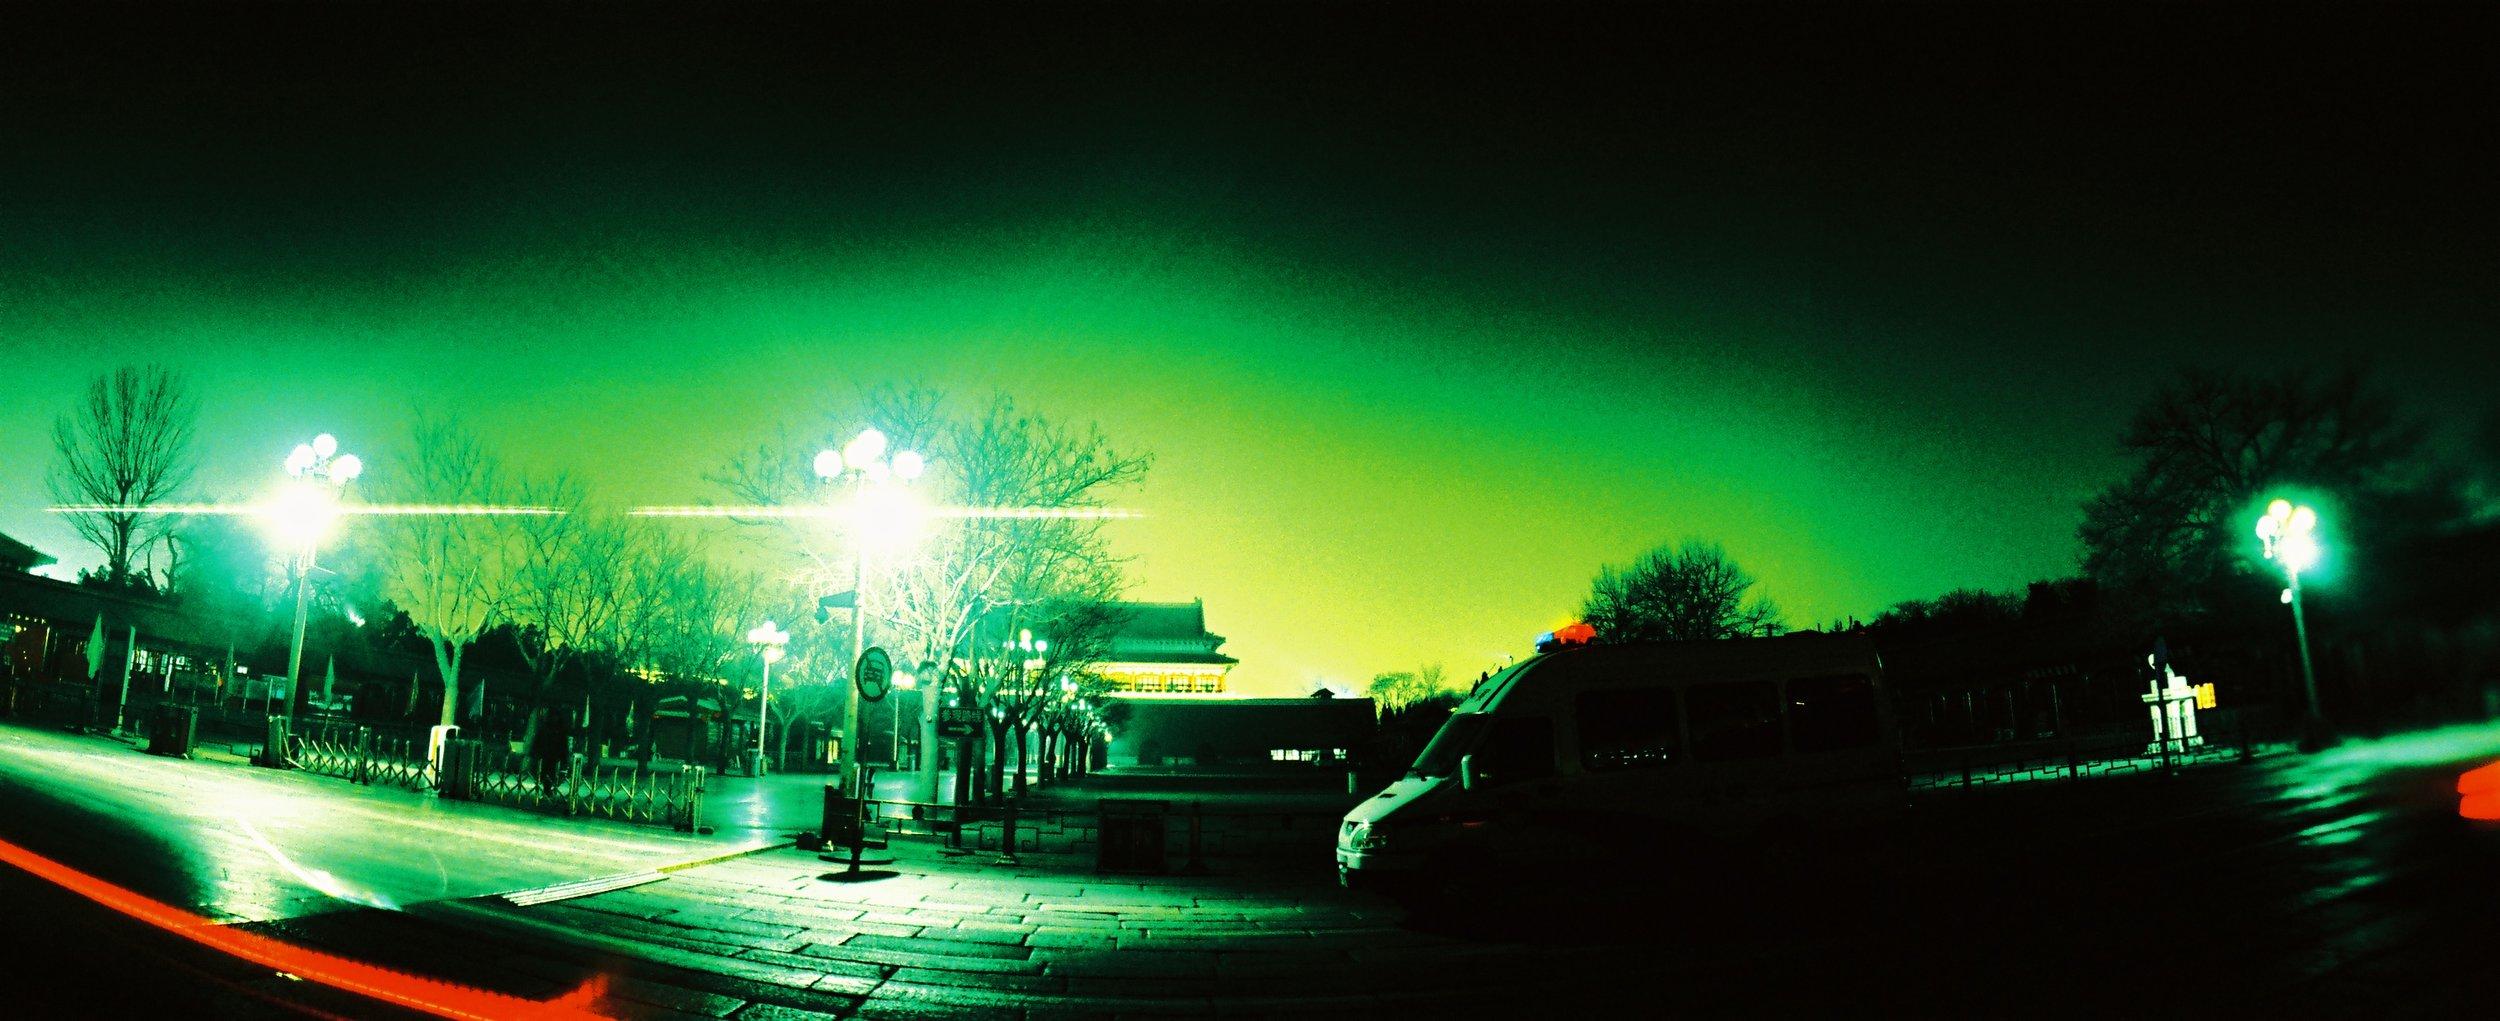 Feb.5 2011 午门.jpg